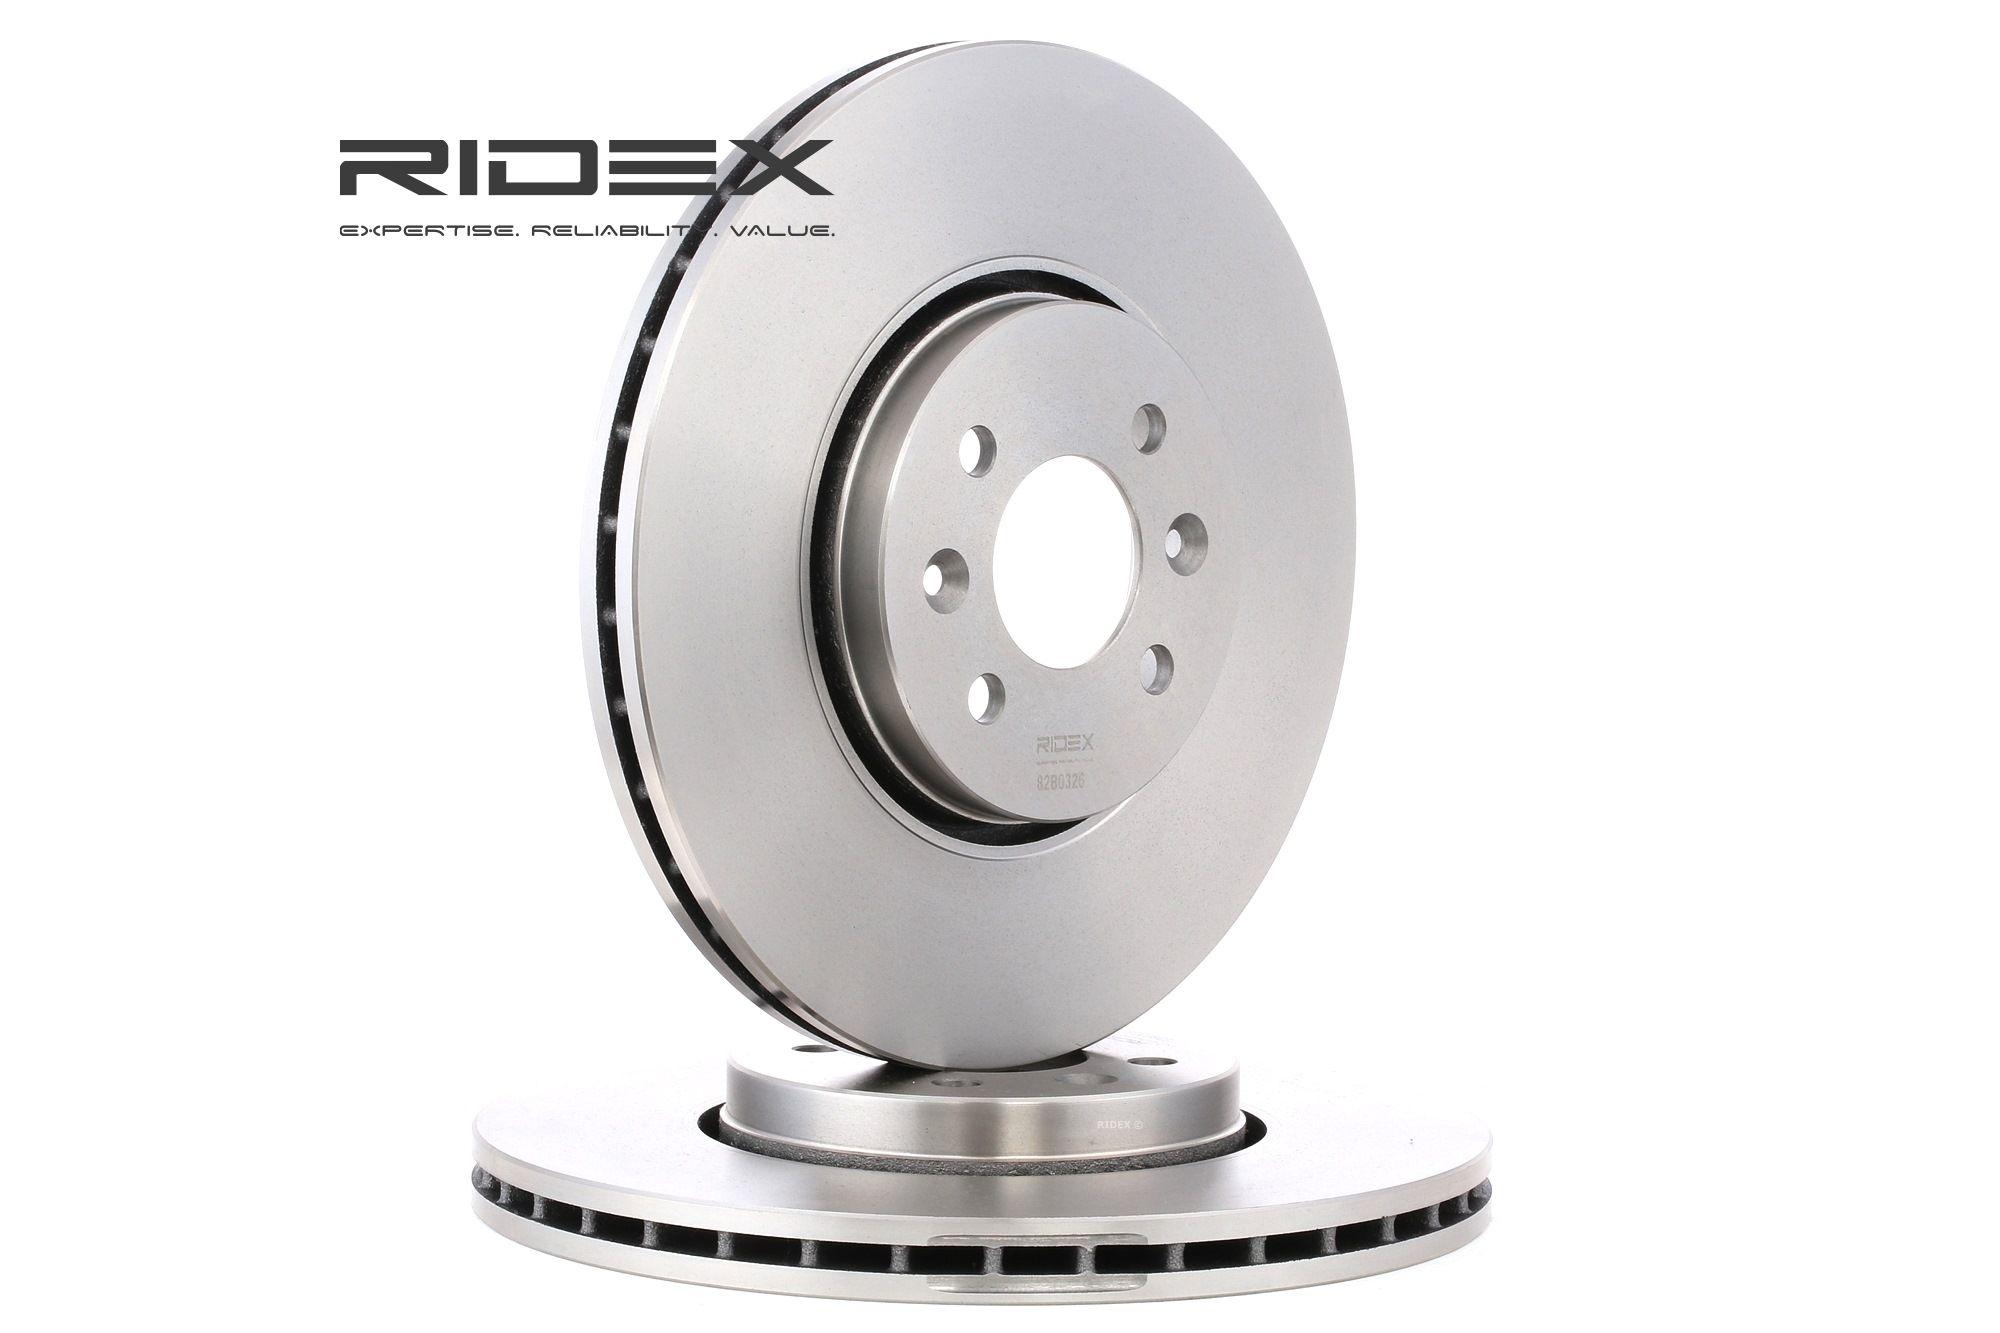 Stabdžių diskas 82B0326 su puikiu RIDEX kainos/kokybės santykiu